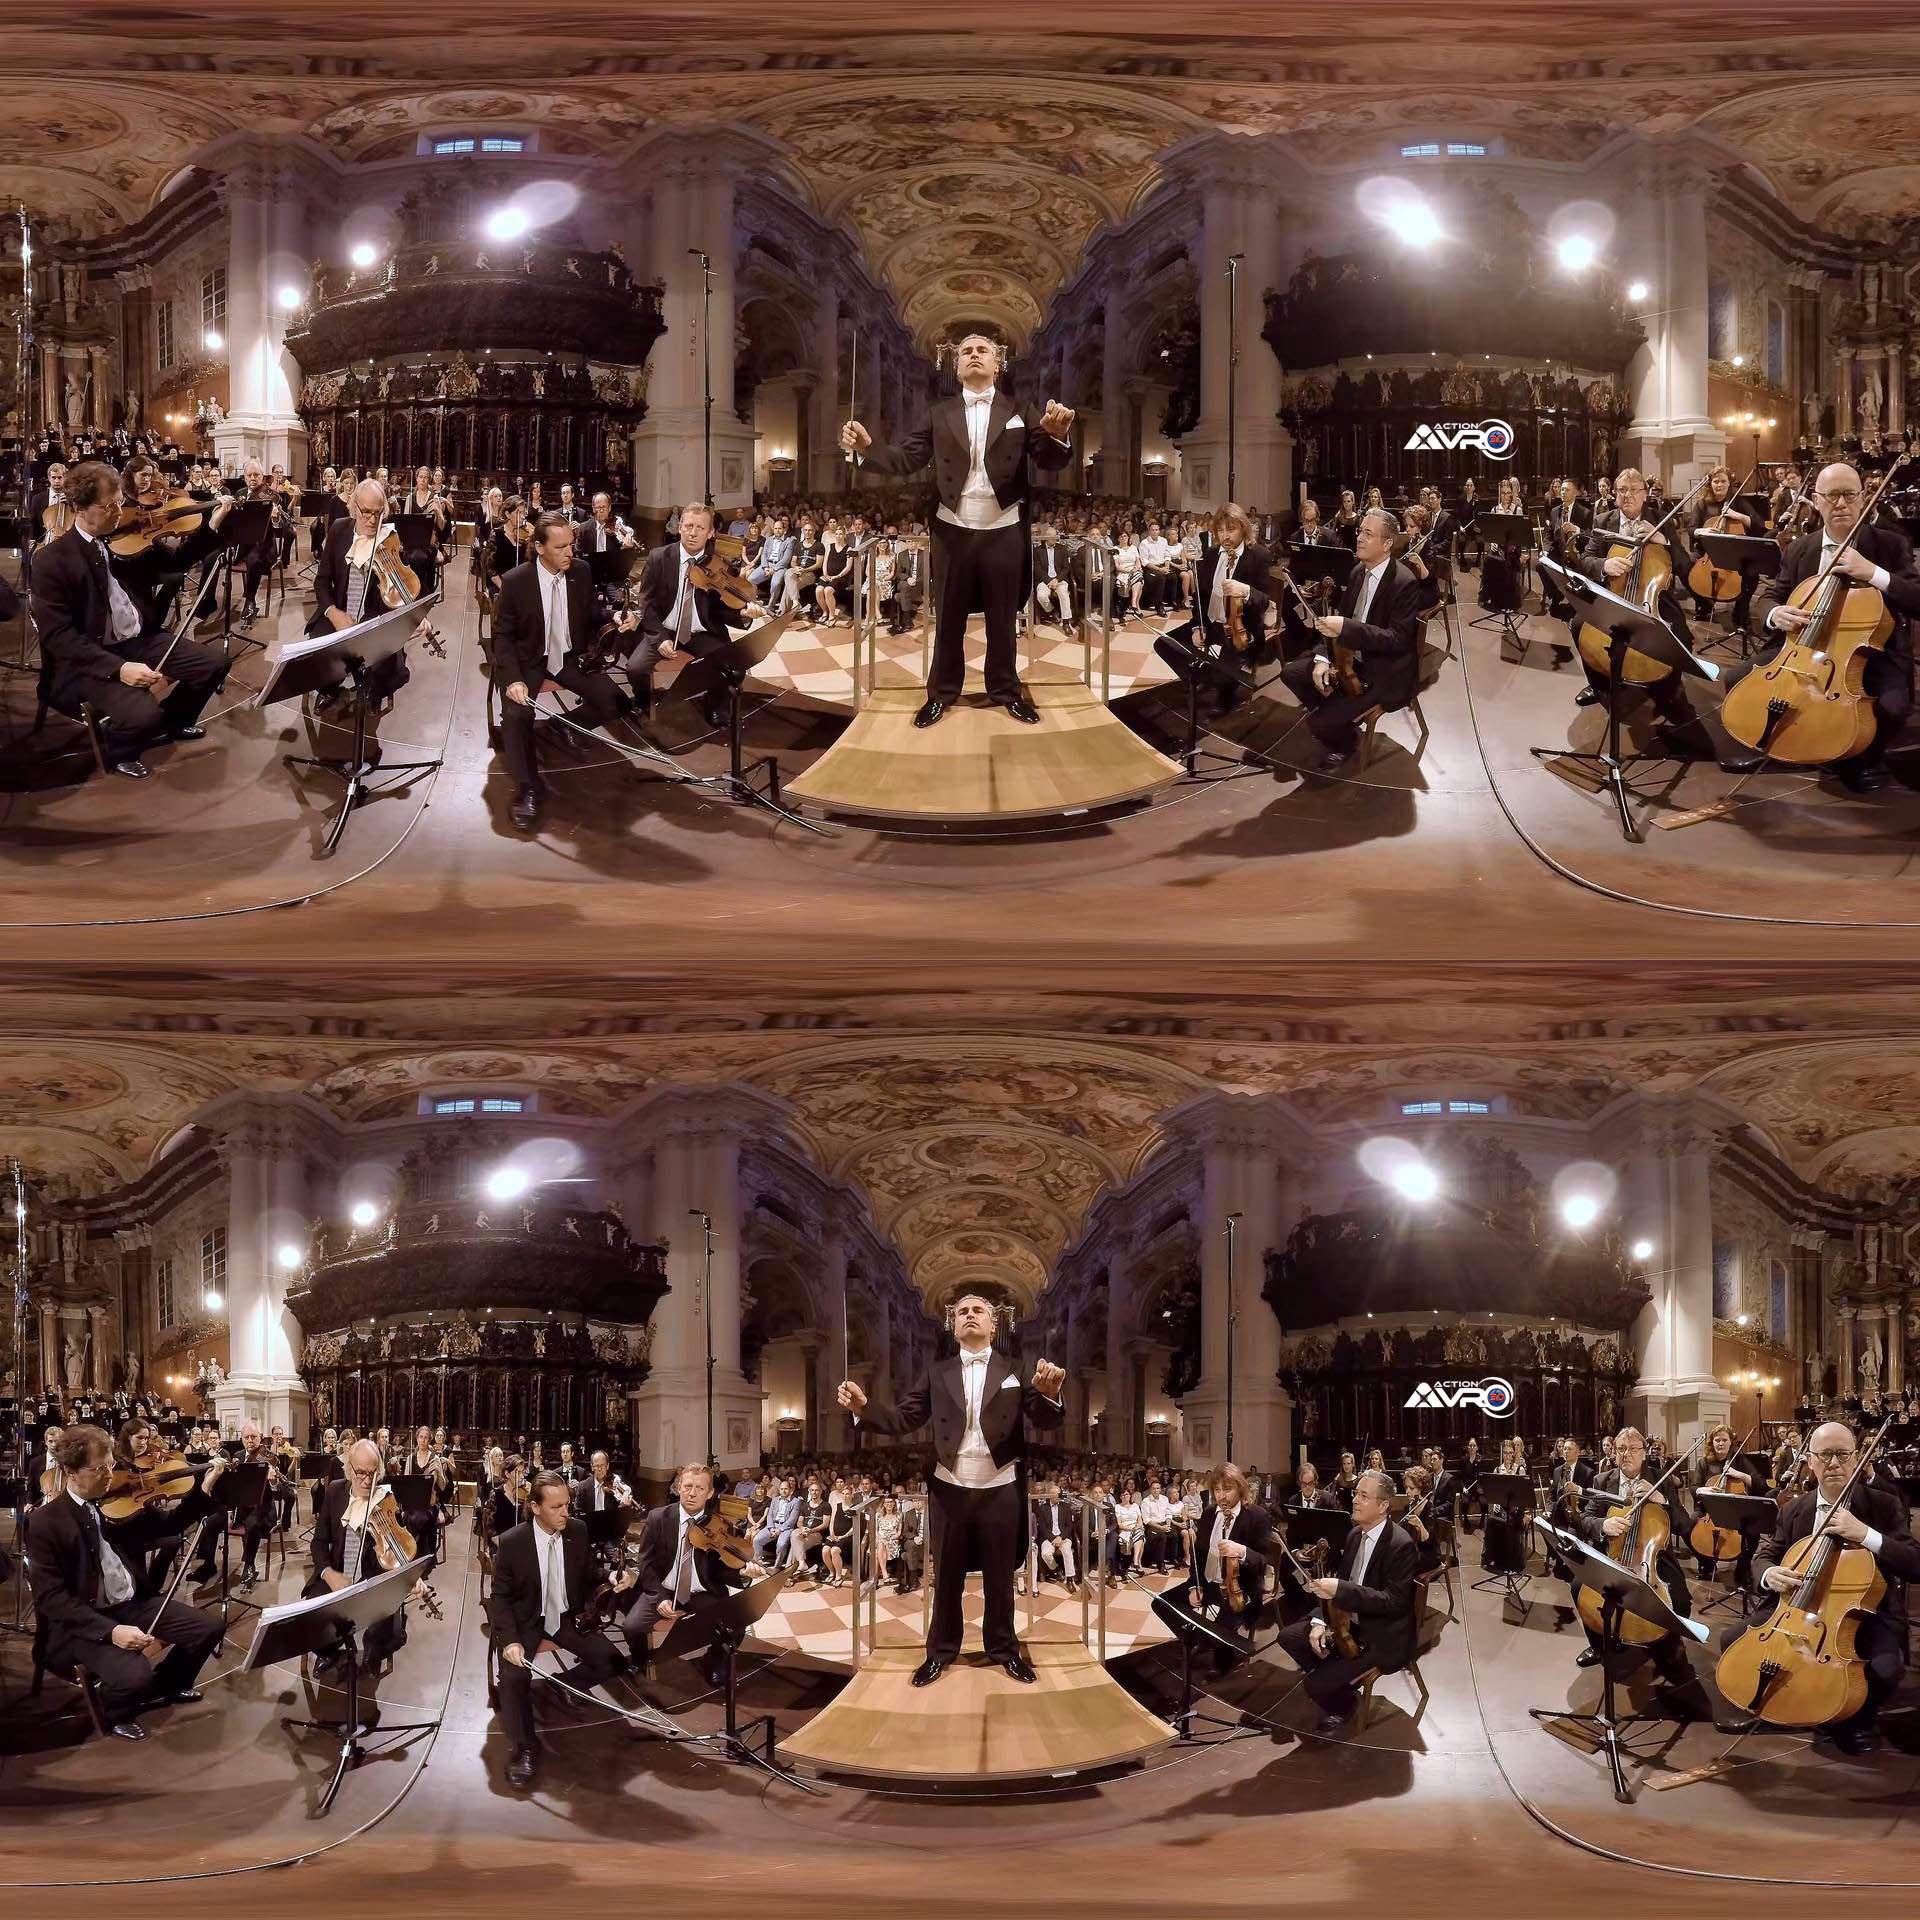 Bruckner Symphonie #5 Remy Ballot 3D 360 Video Aufnahme spatial ambisonic ambeo audio www.aerofotografie.de